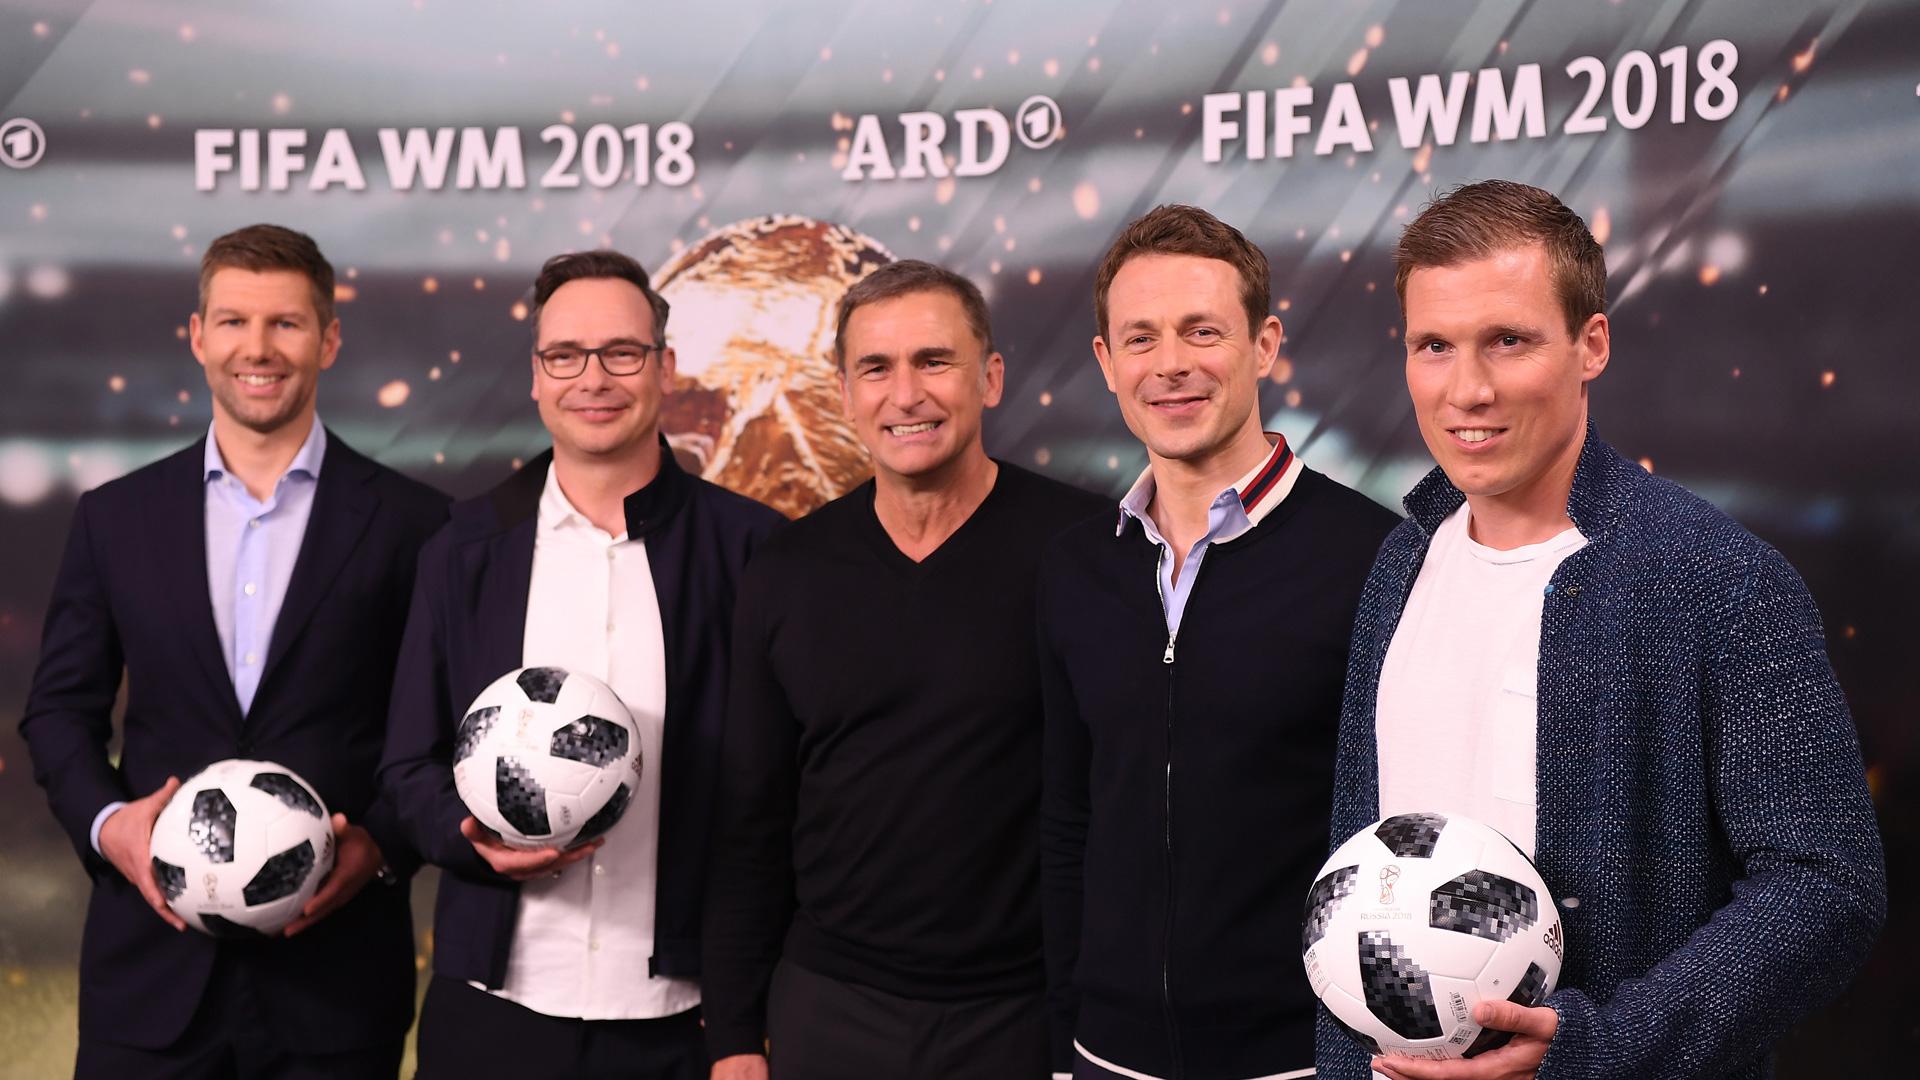 ARD TV WM 2018